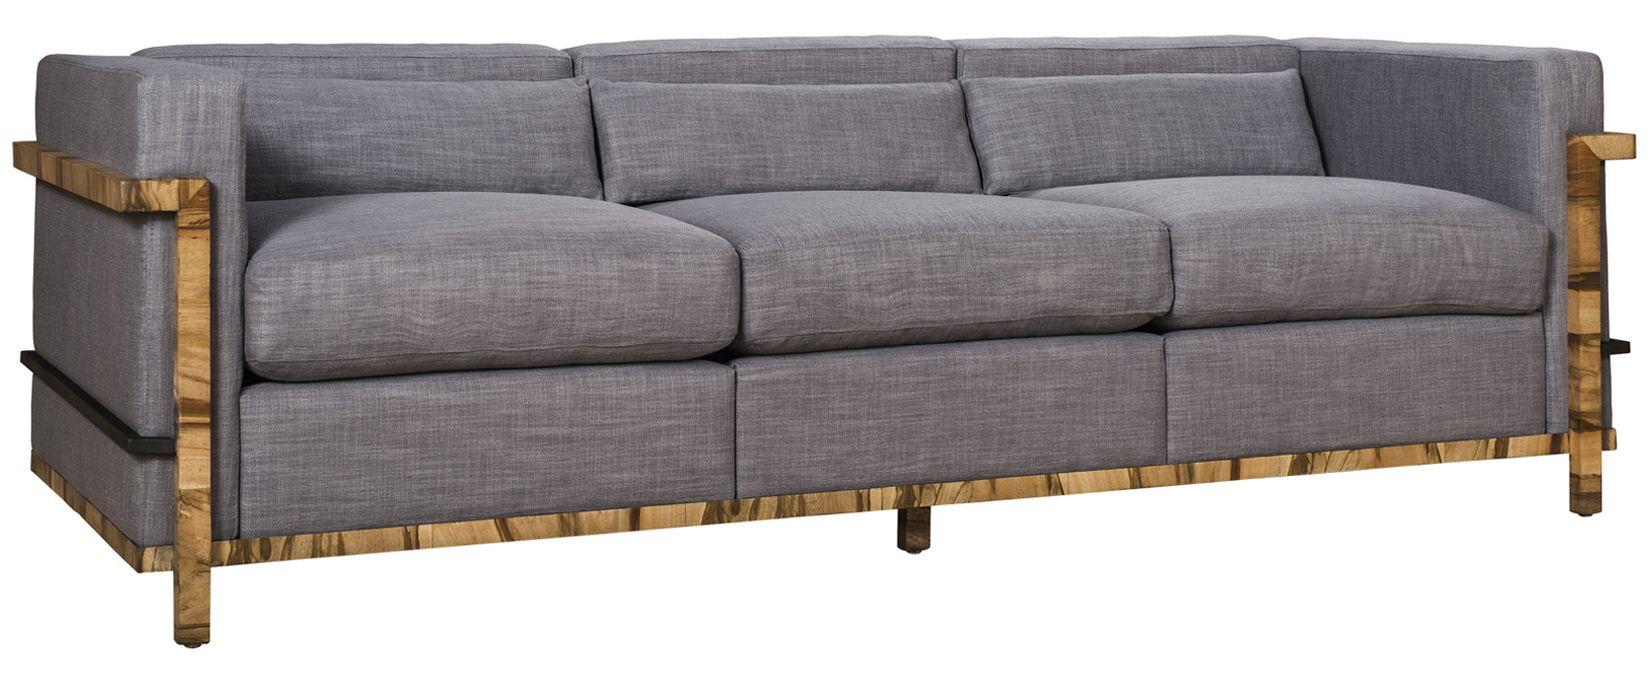 Le Corbusier Sofa Taracea Le Corbusier Sofa Furniture Love Seat